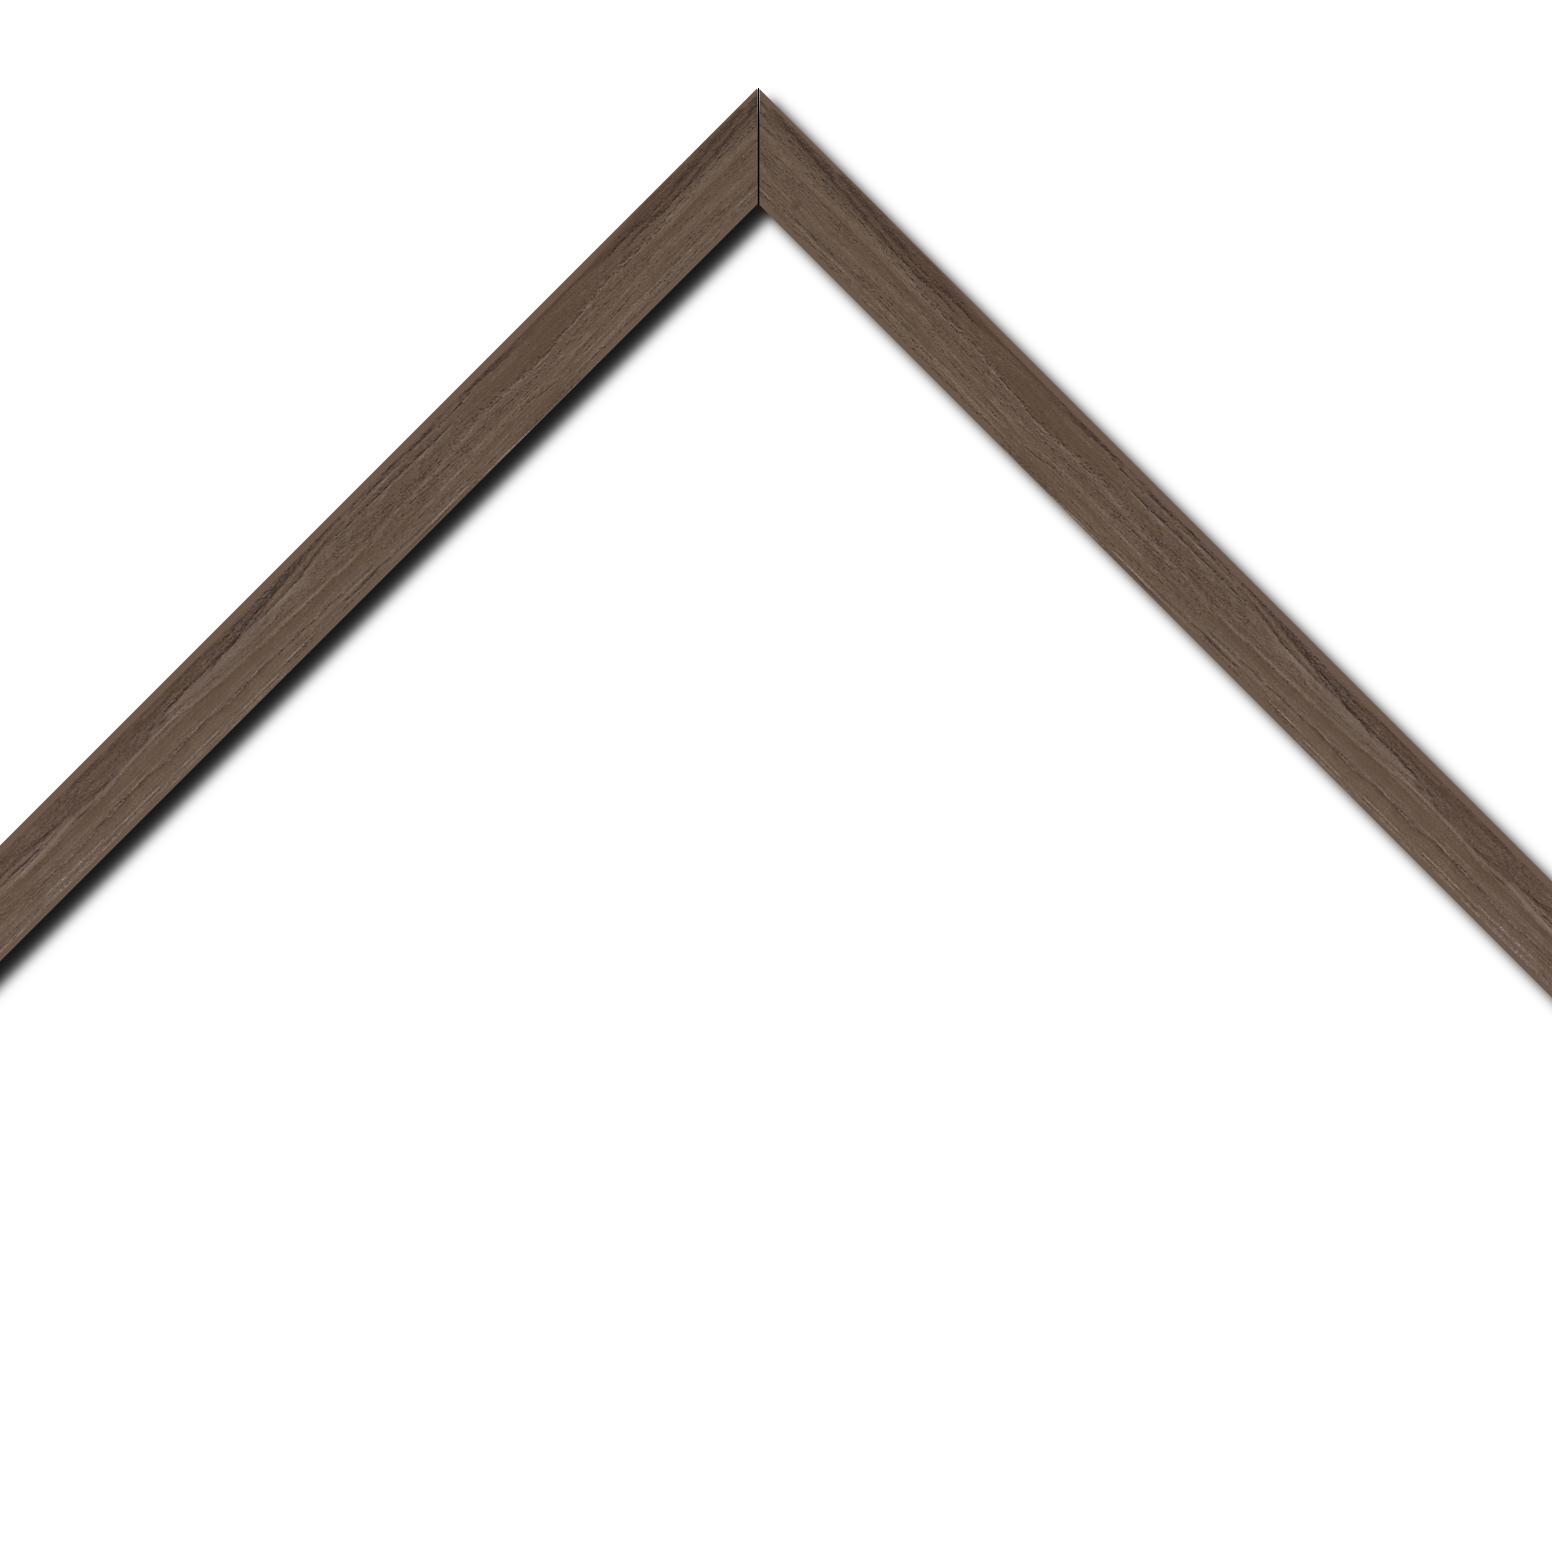 Baguette bois profil plat largeur 2cm décor bois noyer